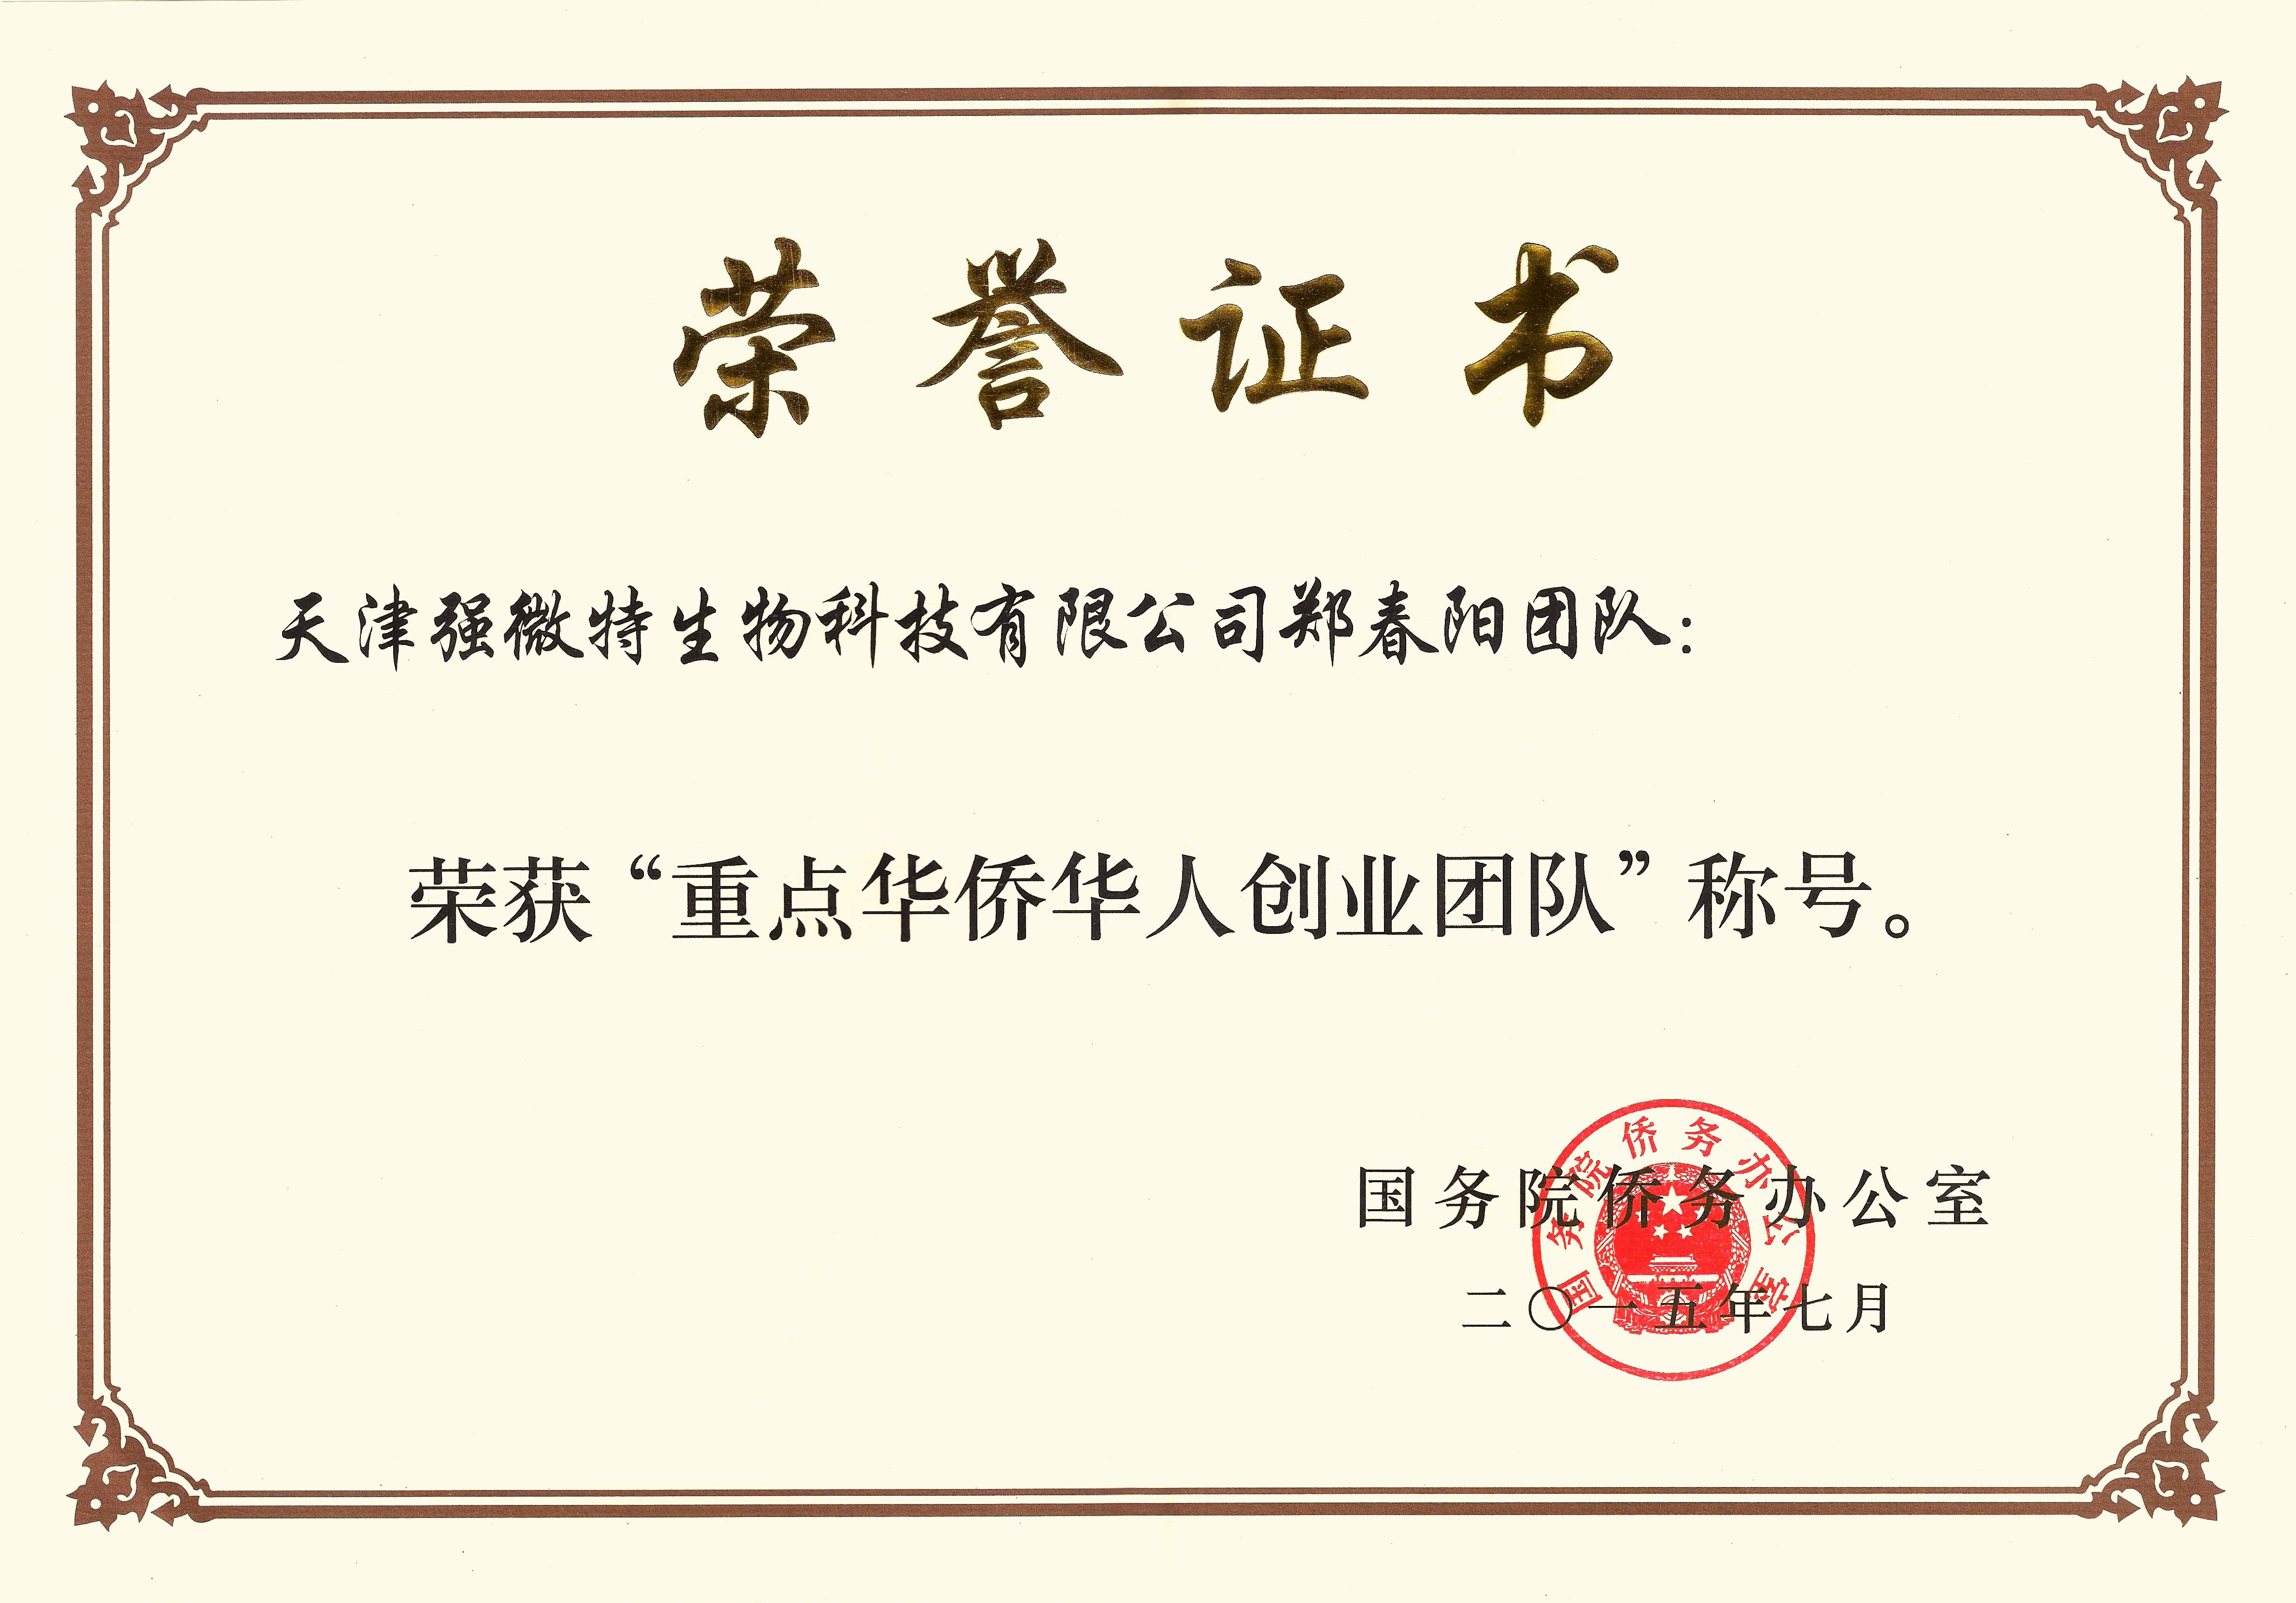 公司榮譽-重點華僑華人創業團隊